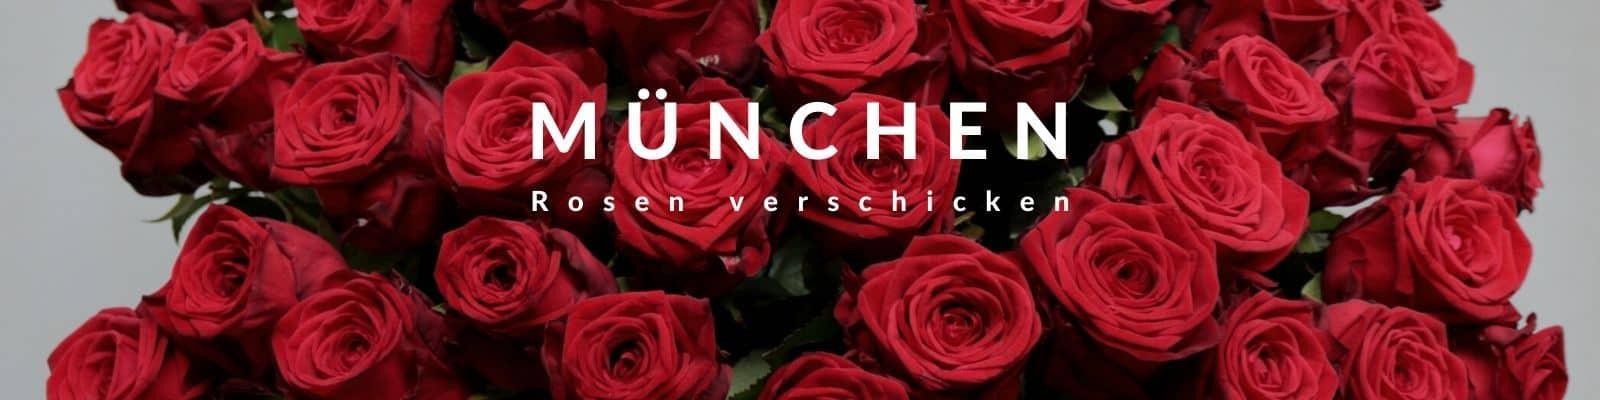 Rosen verschicken München - Rosenbote und Blumenbote in München